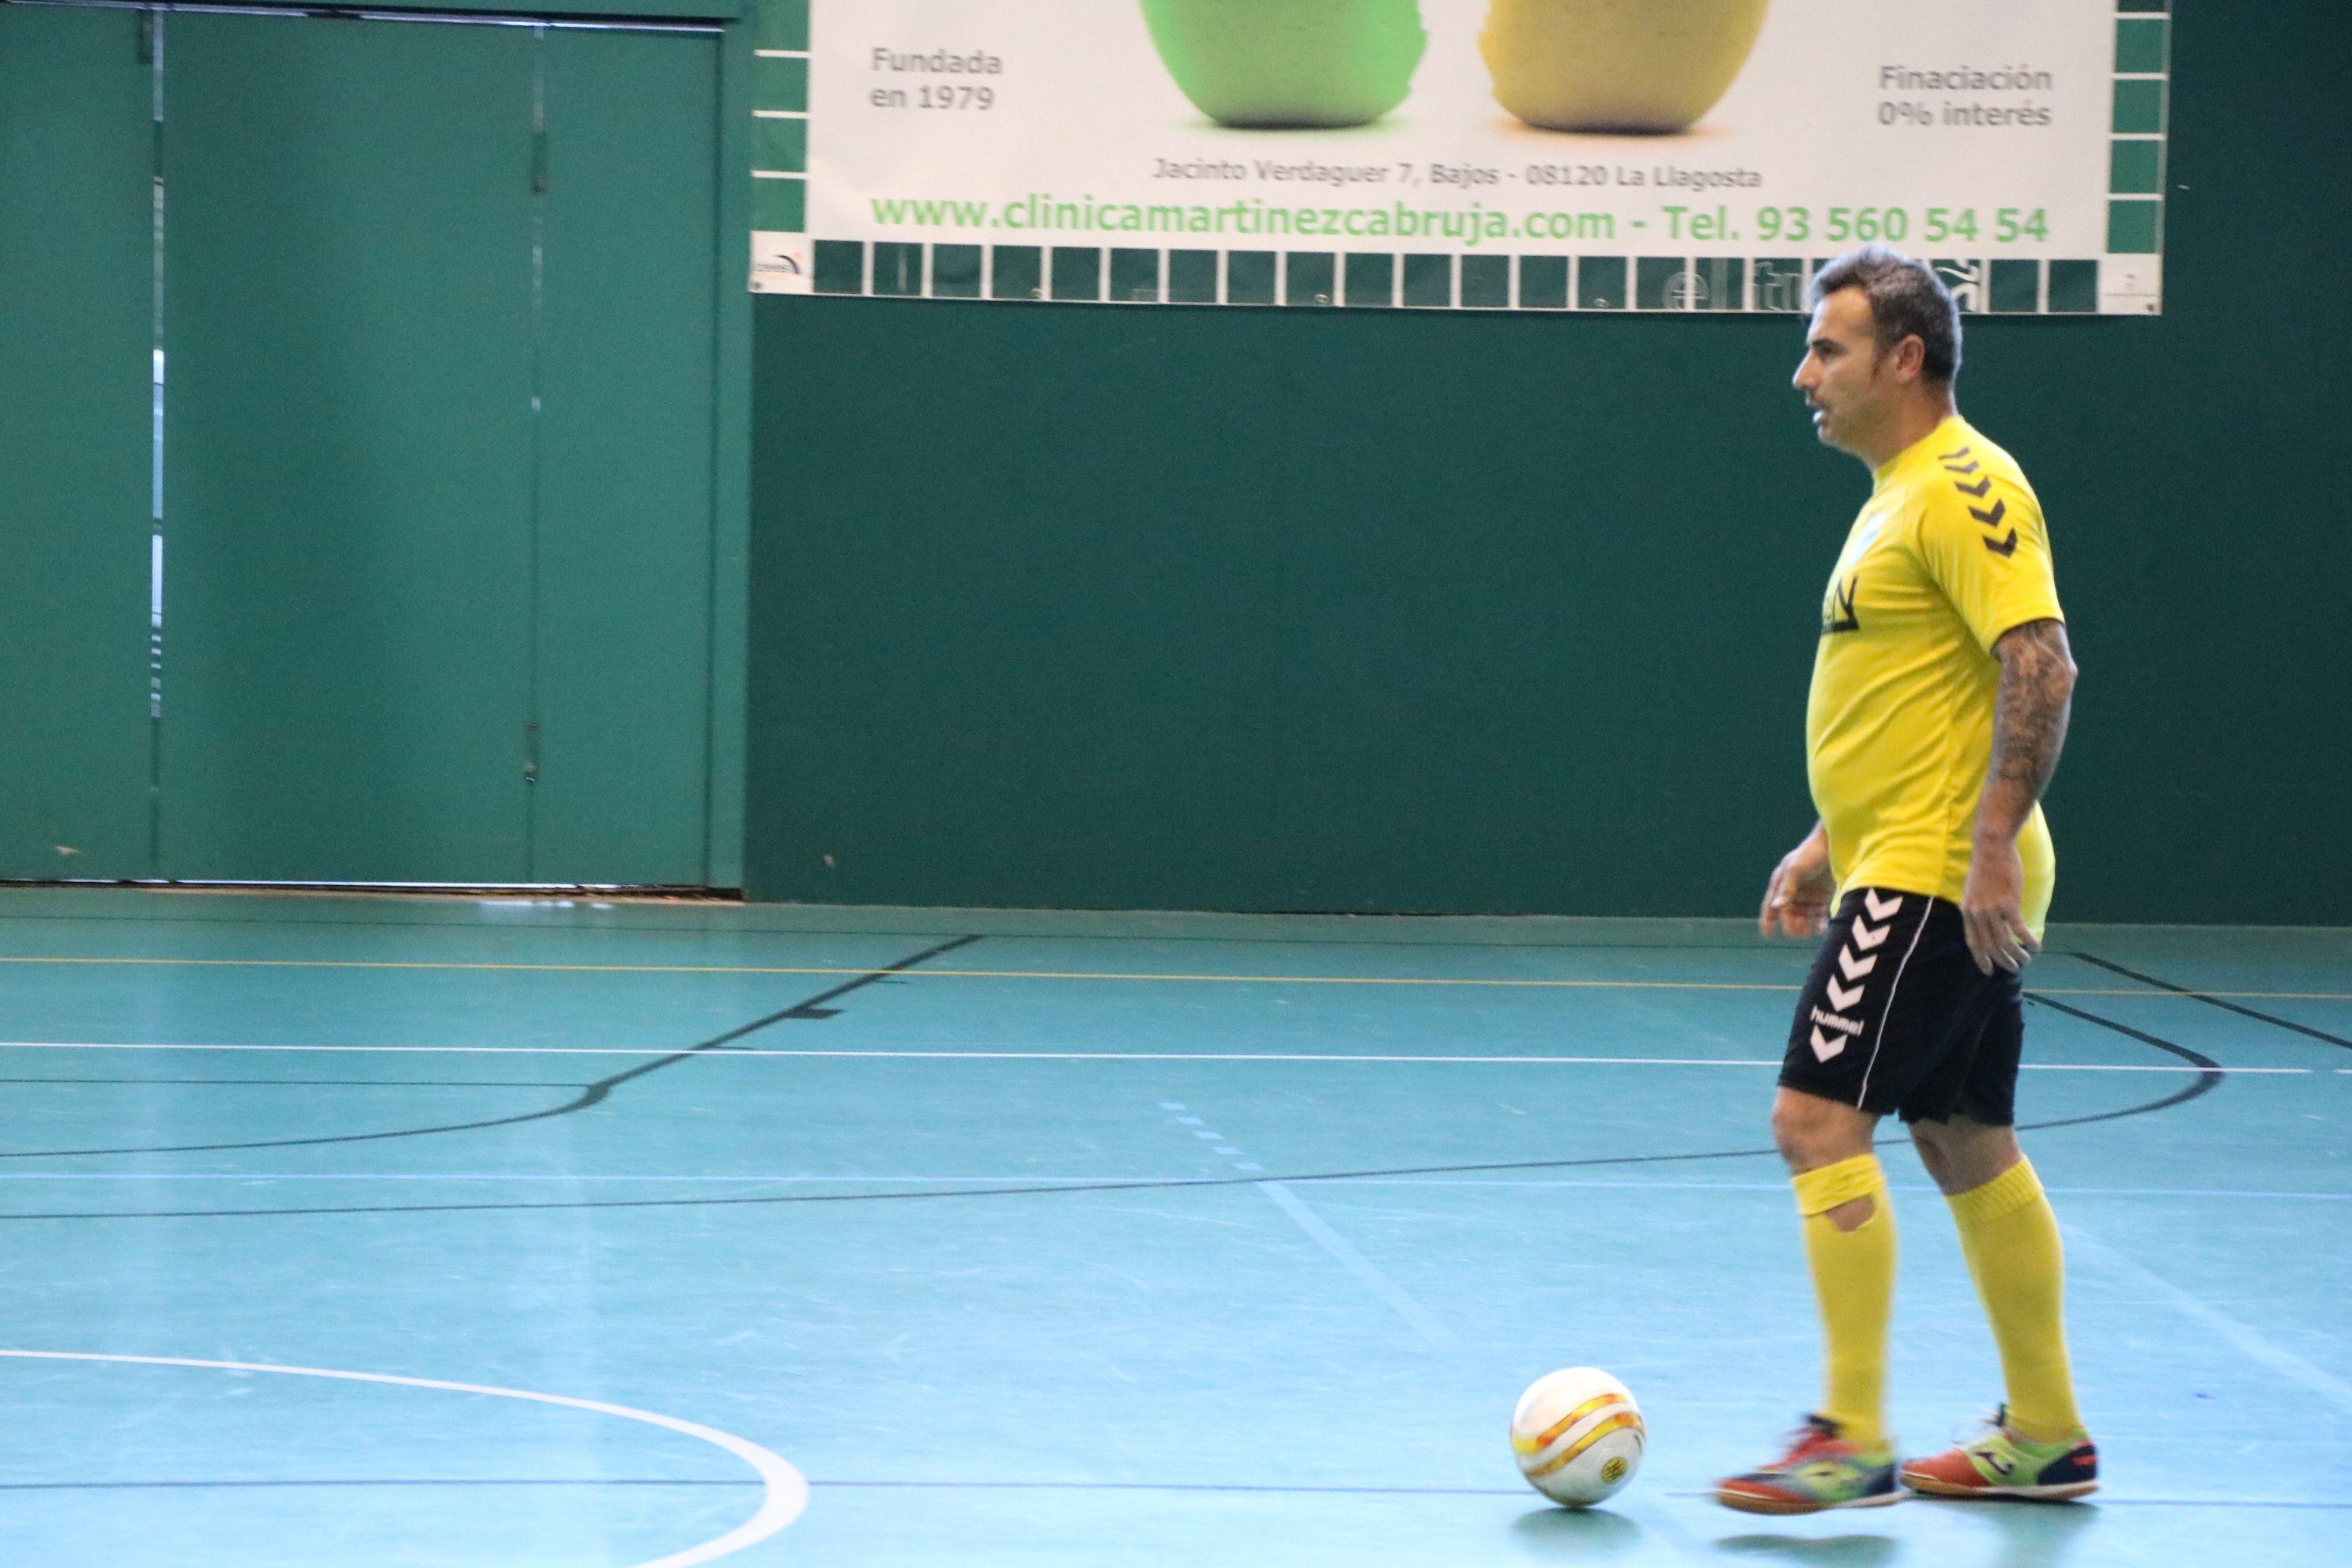 El Fútbol Sala Unión Llagostense cau golejat a la pista del Dante (7-3)